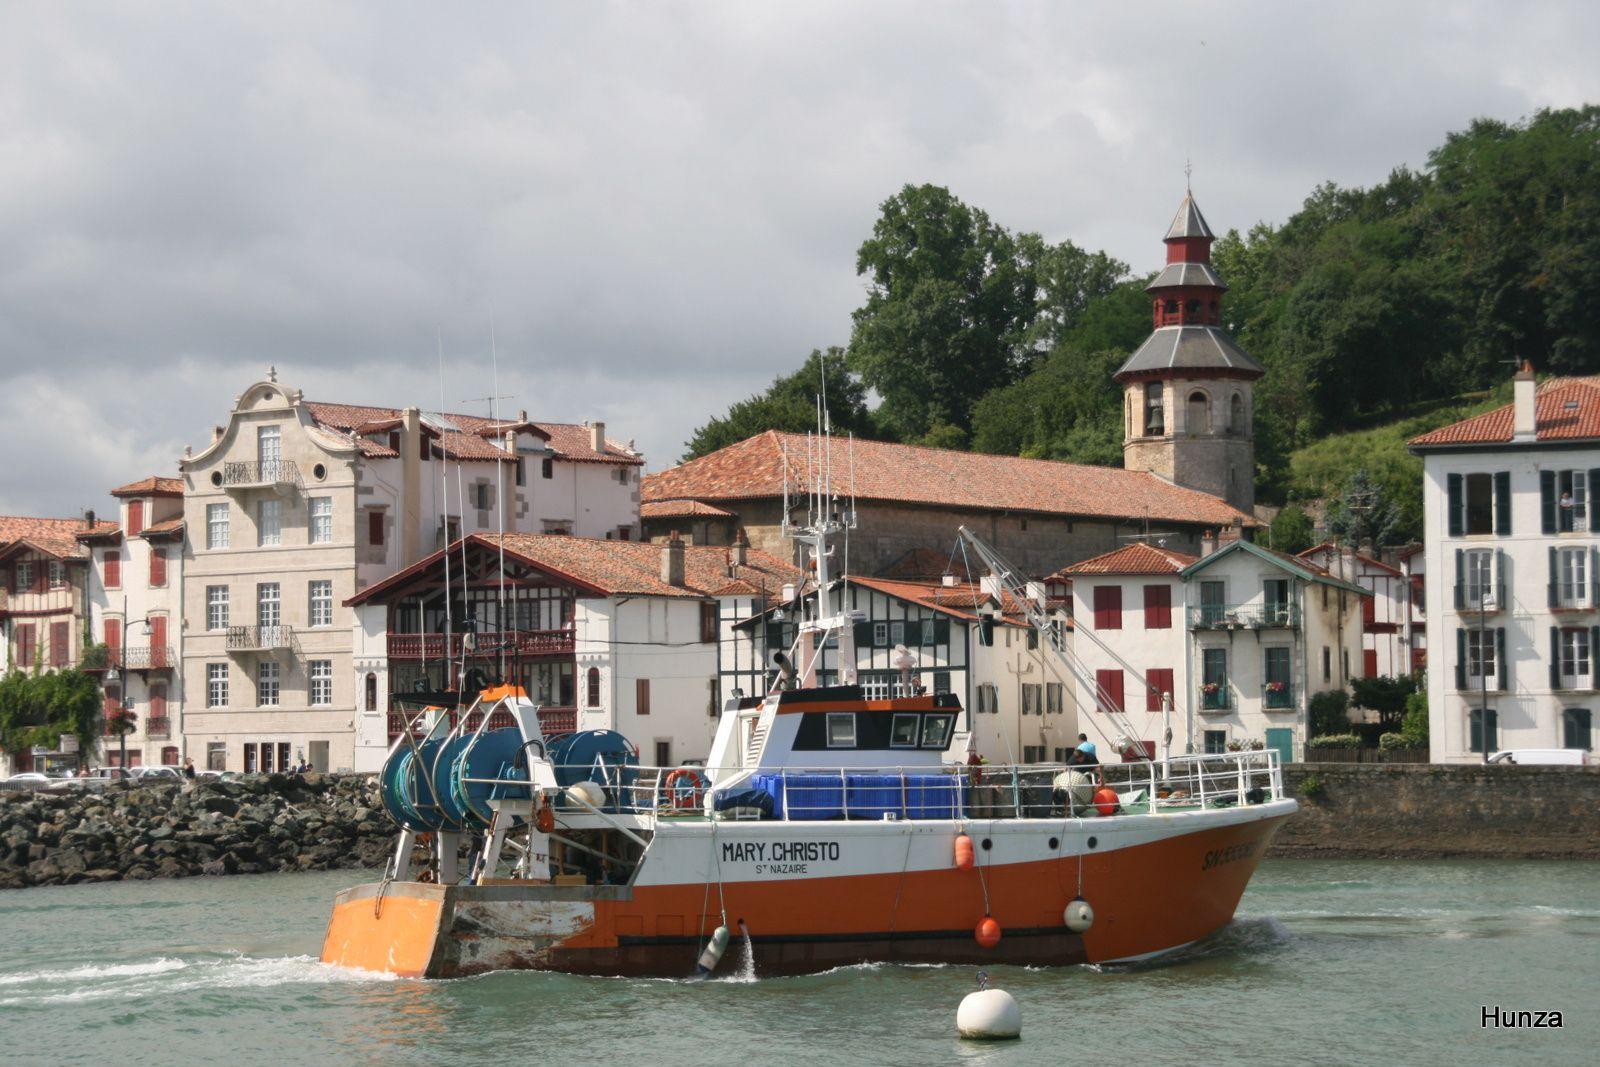 Un bateau sort du port de Saint-Jean de Luz avec, en arrière plan, l'église de Ciboure